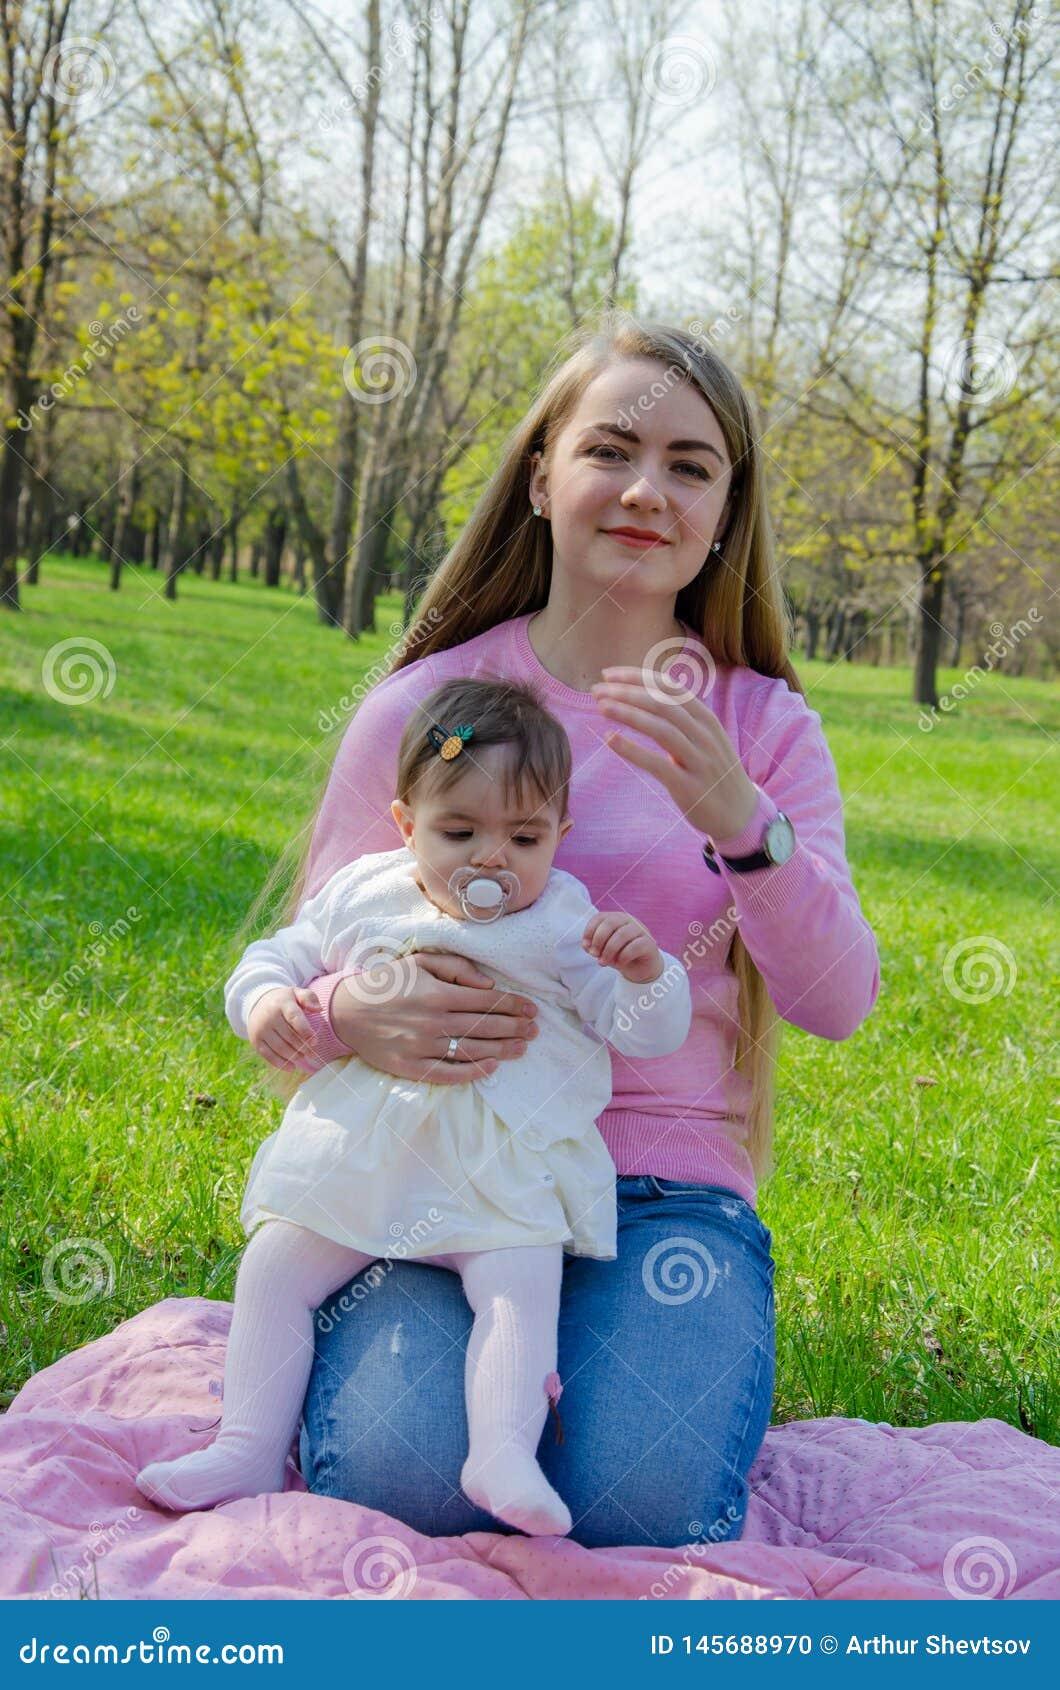 Мама с младенцем в ярких одеждах на розовой шотландке на зеленом праве Семья отдыхая в парке на теплый день